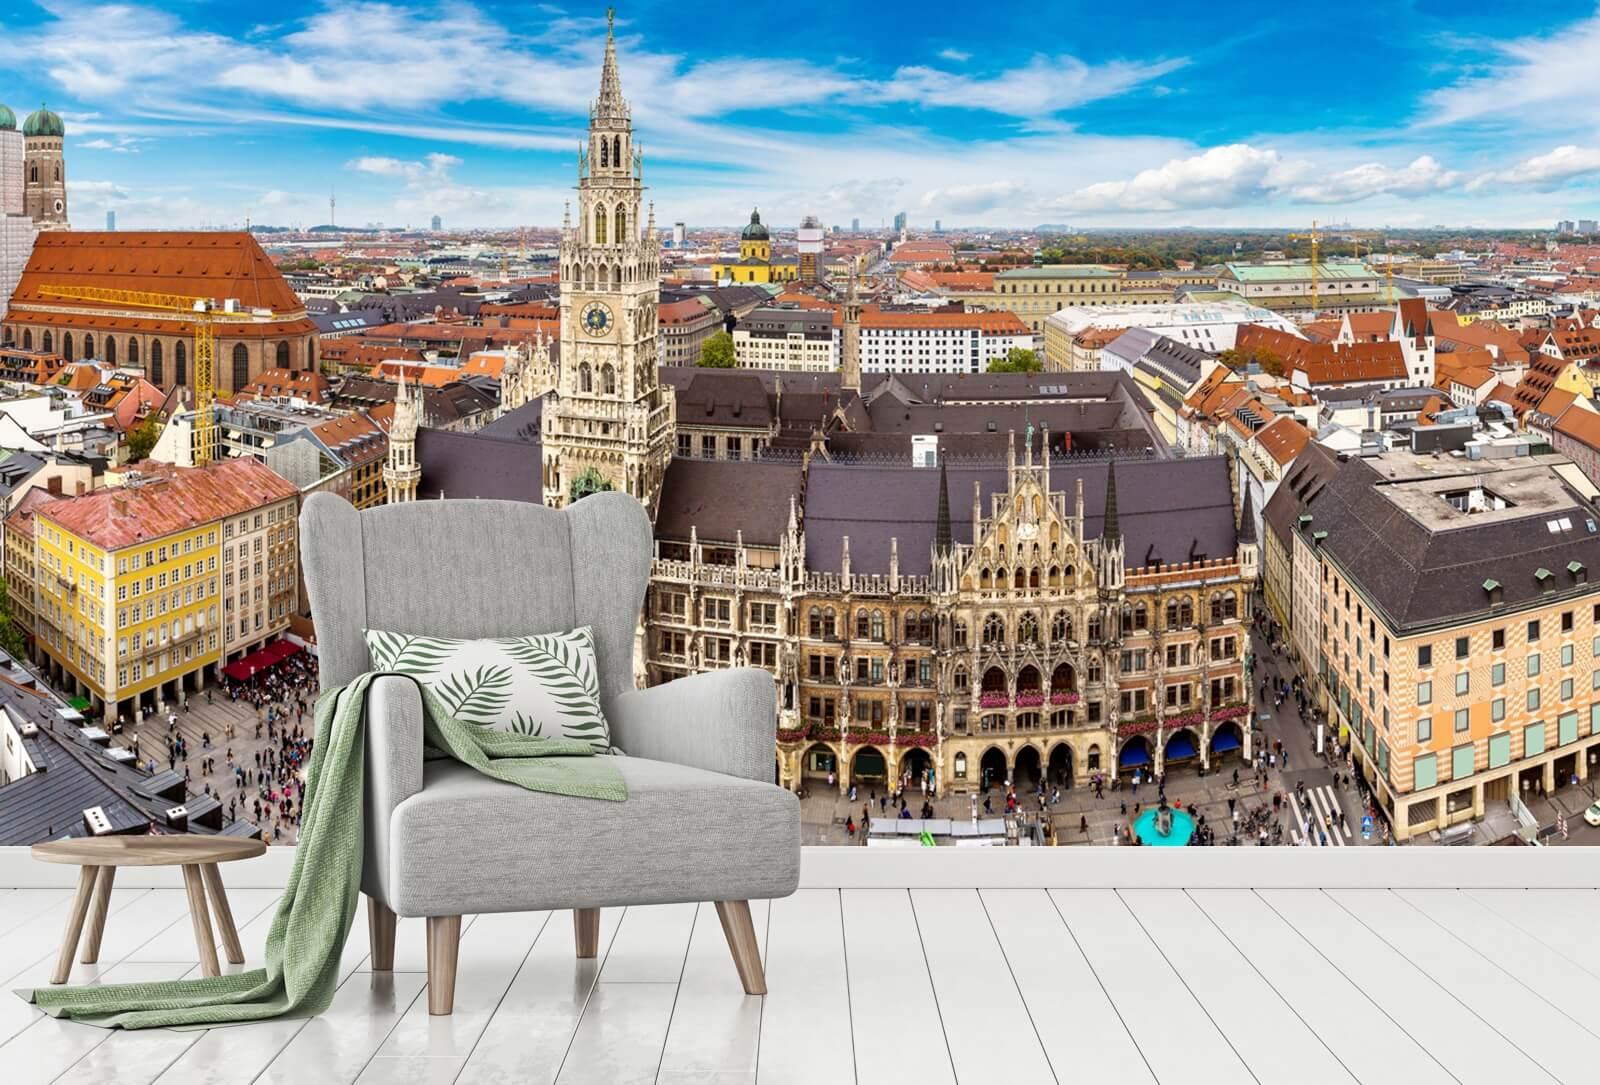 Vlies Tapete XXL Poster Fototapete Bayern München Marienplatz